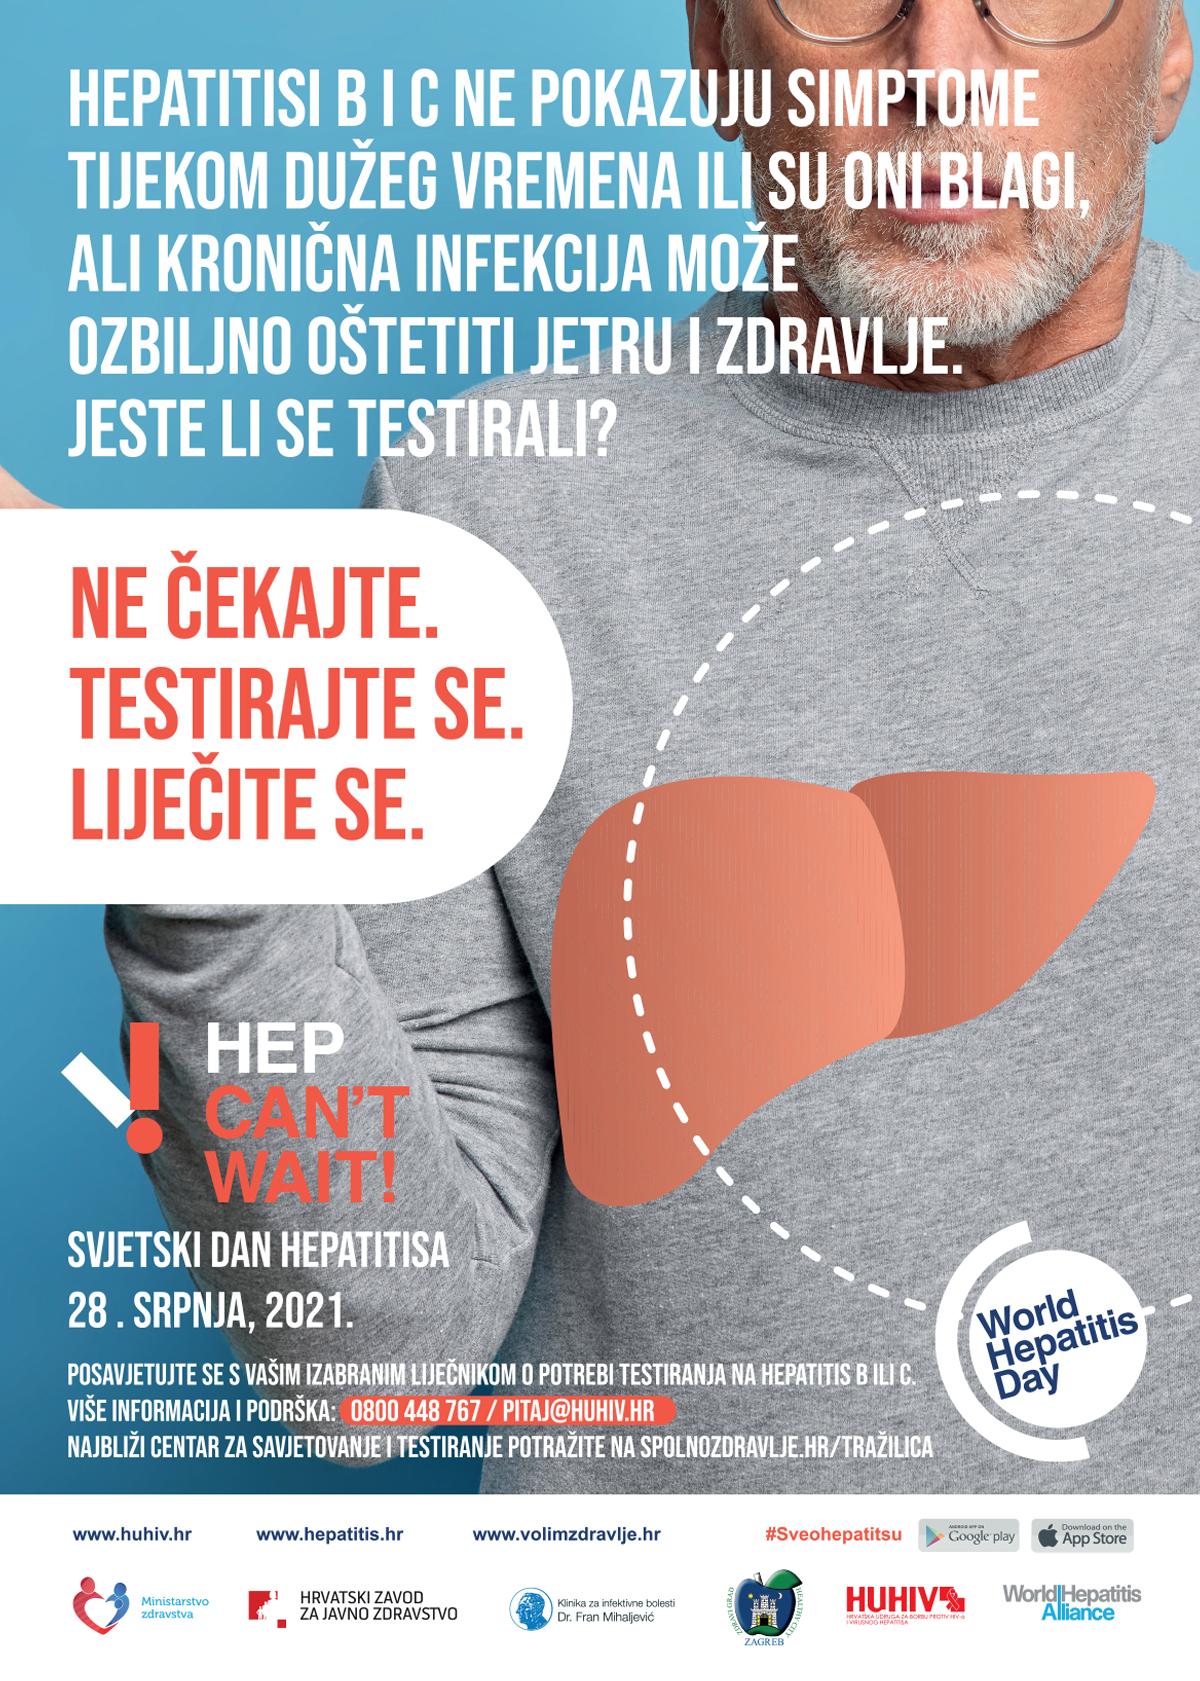 SVJETSKI DAN HEPATITISA 2021.